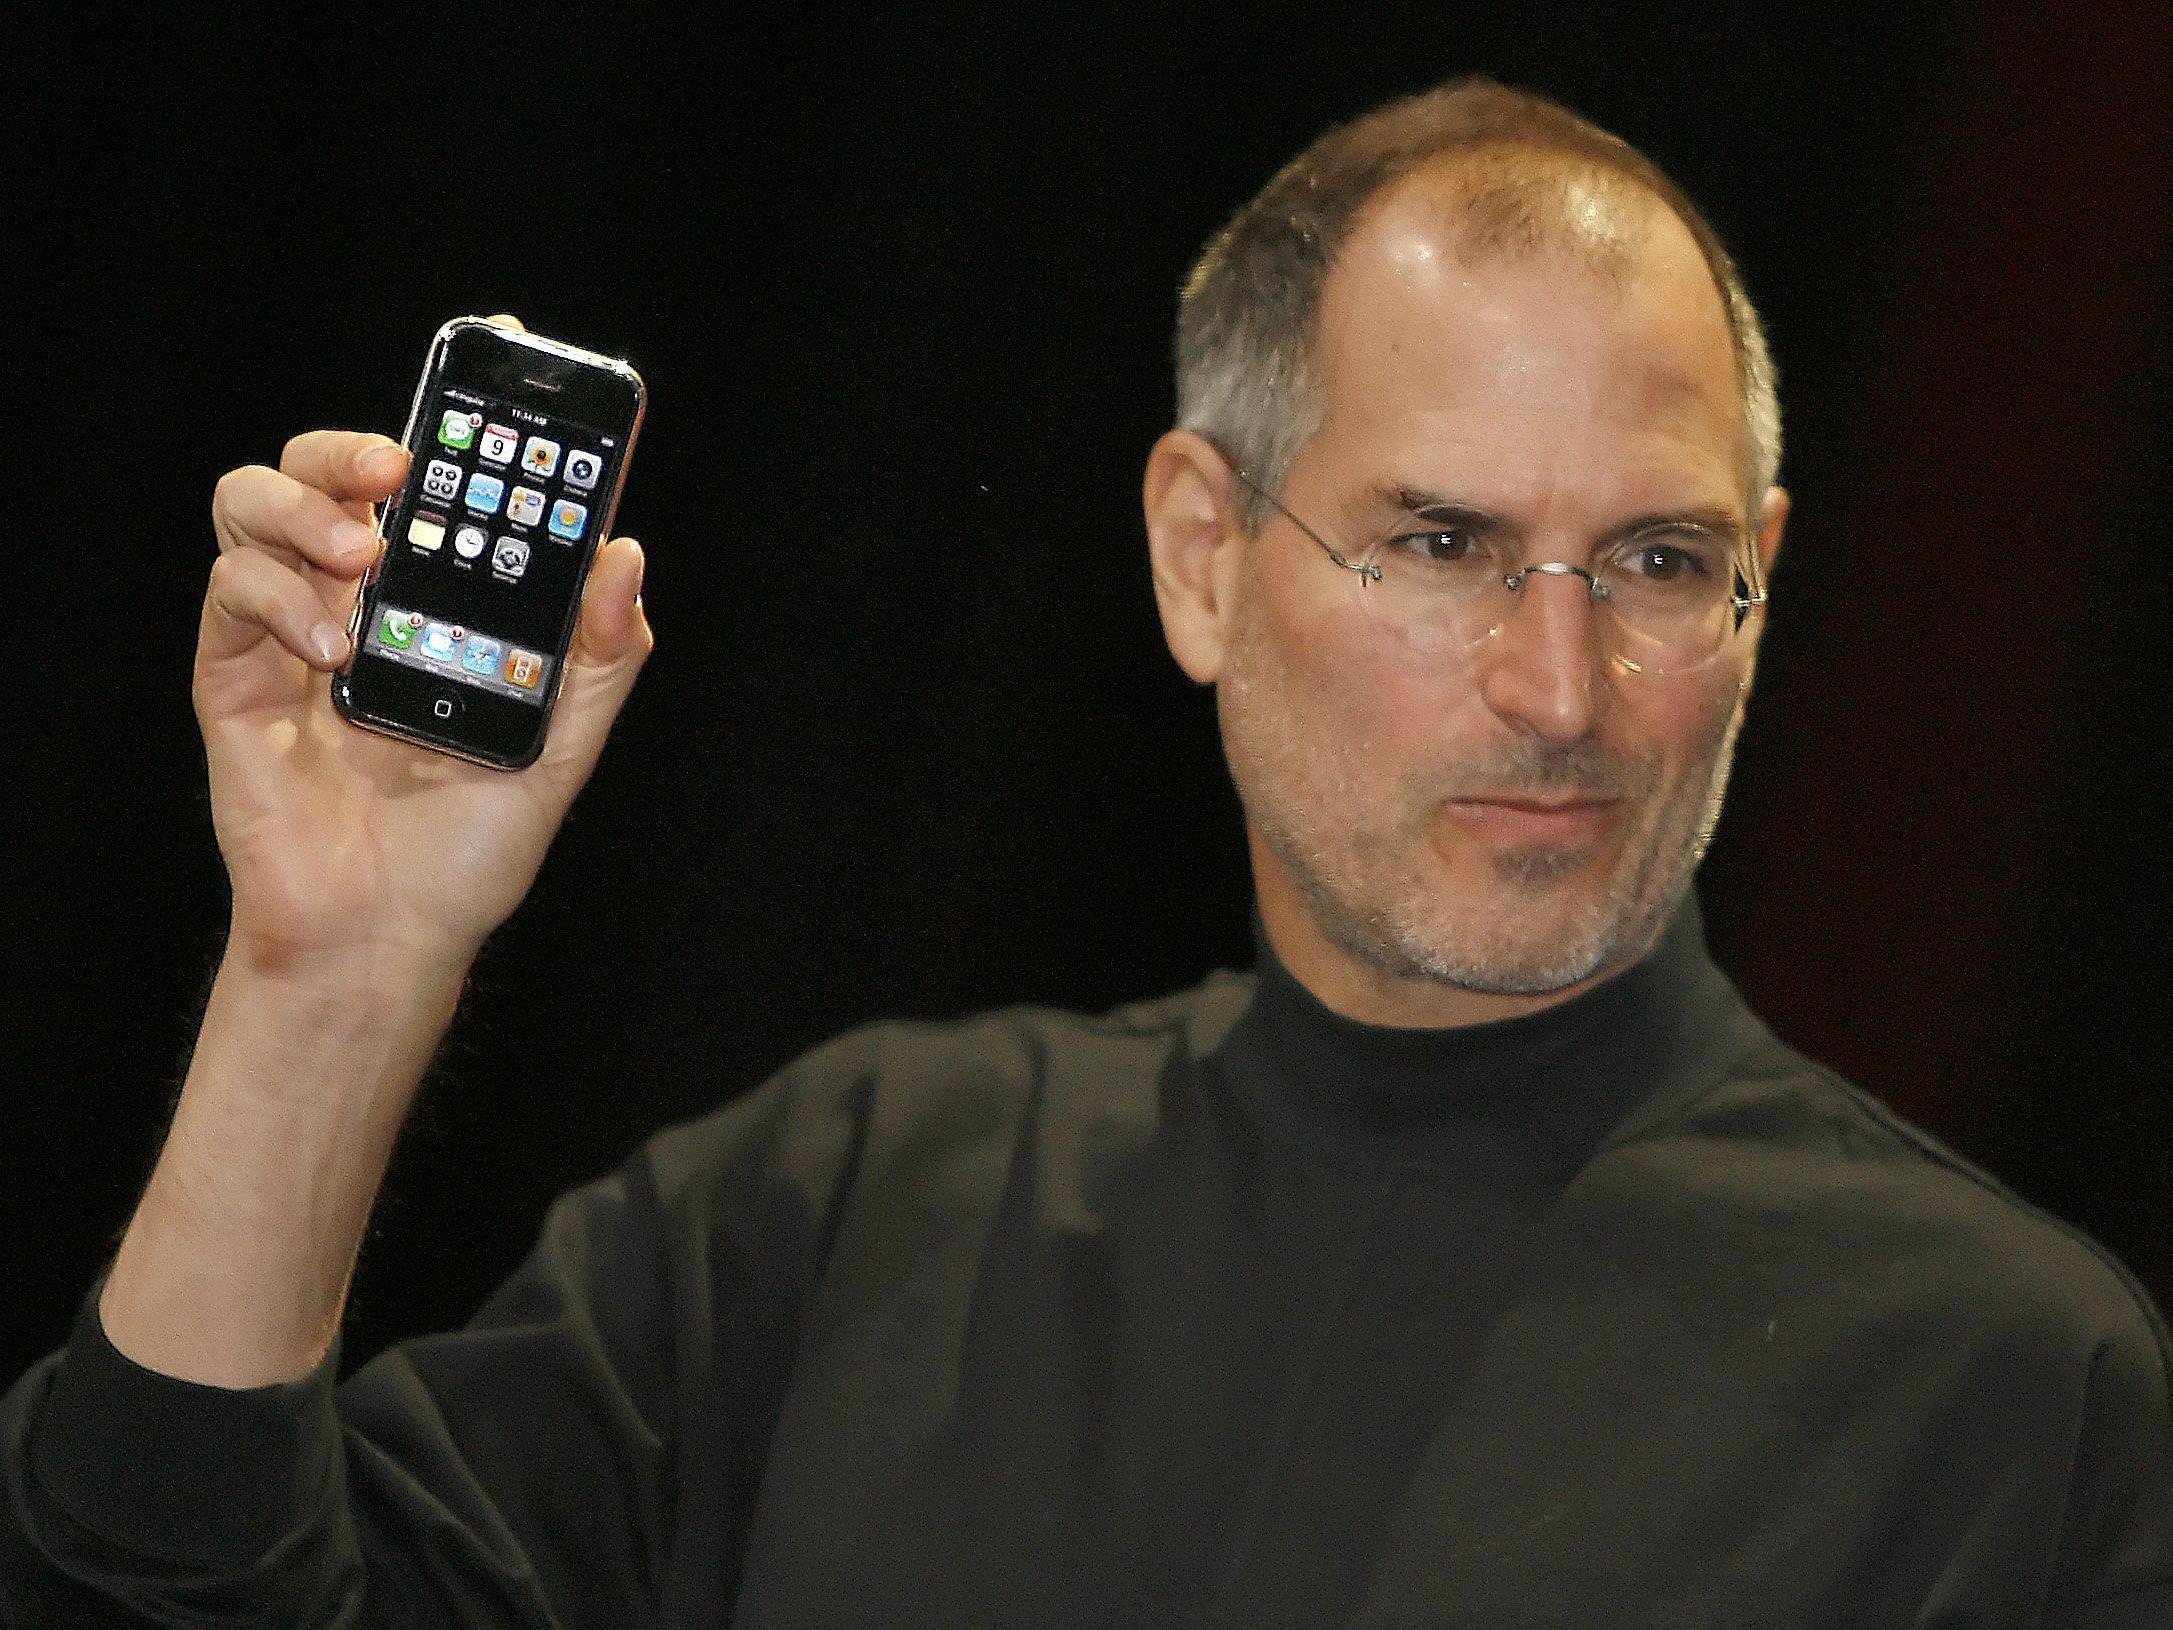 Mit der Vorstellung des ersten iPhones am 9. Januar 2007 veränderte Apple die Welt.